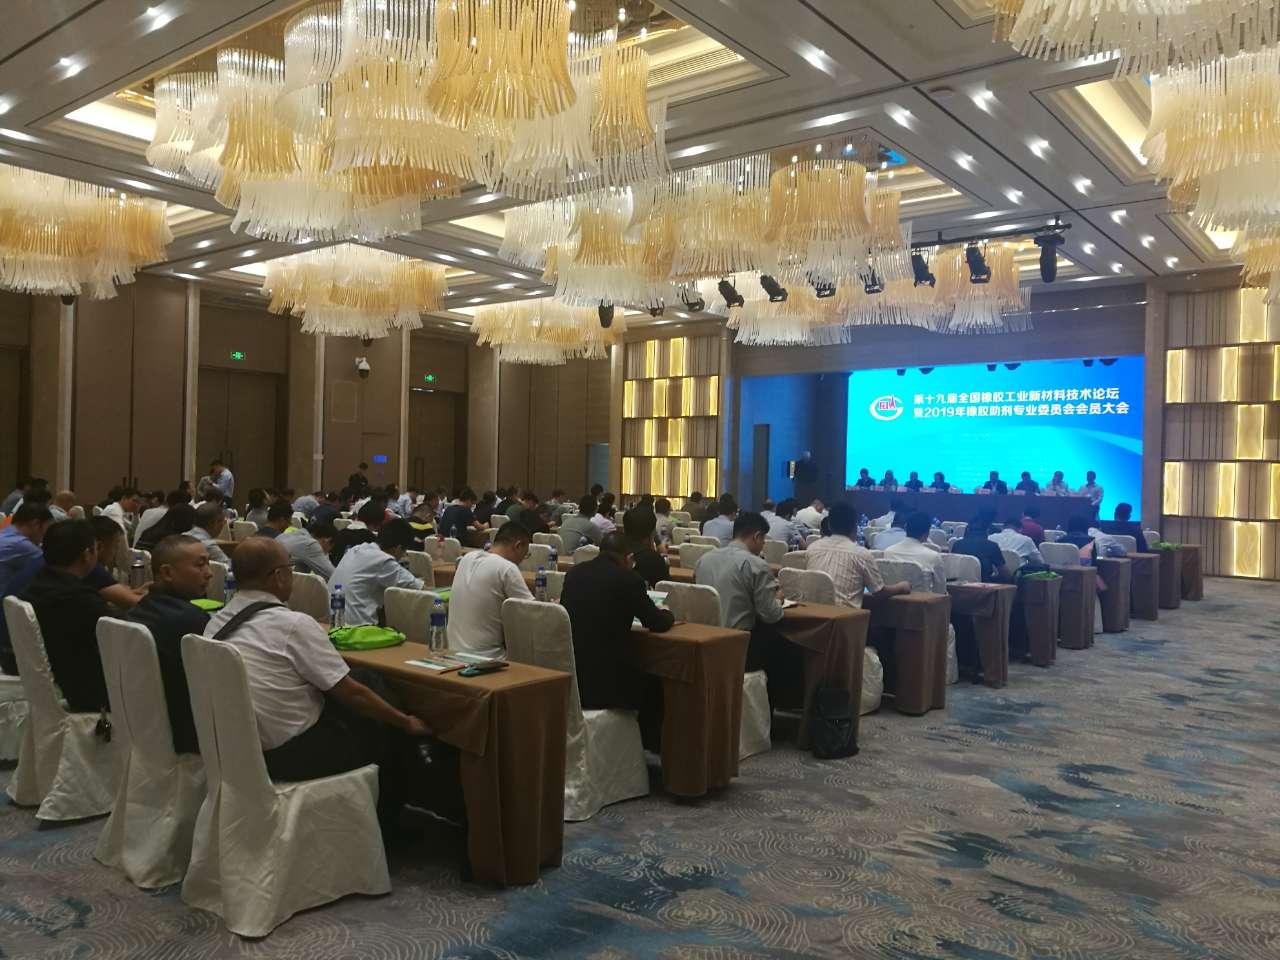 元昊集團參加2019年中國橡膠助劑年會